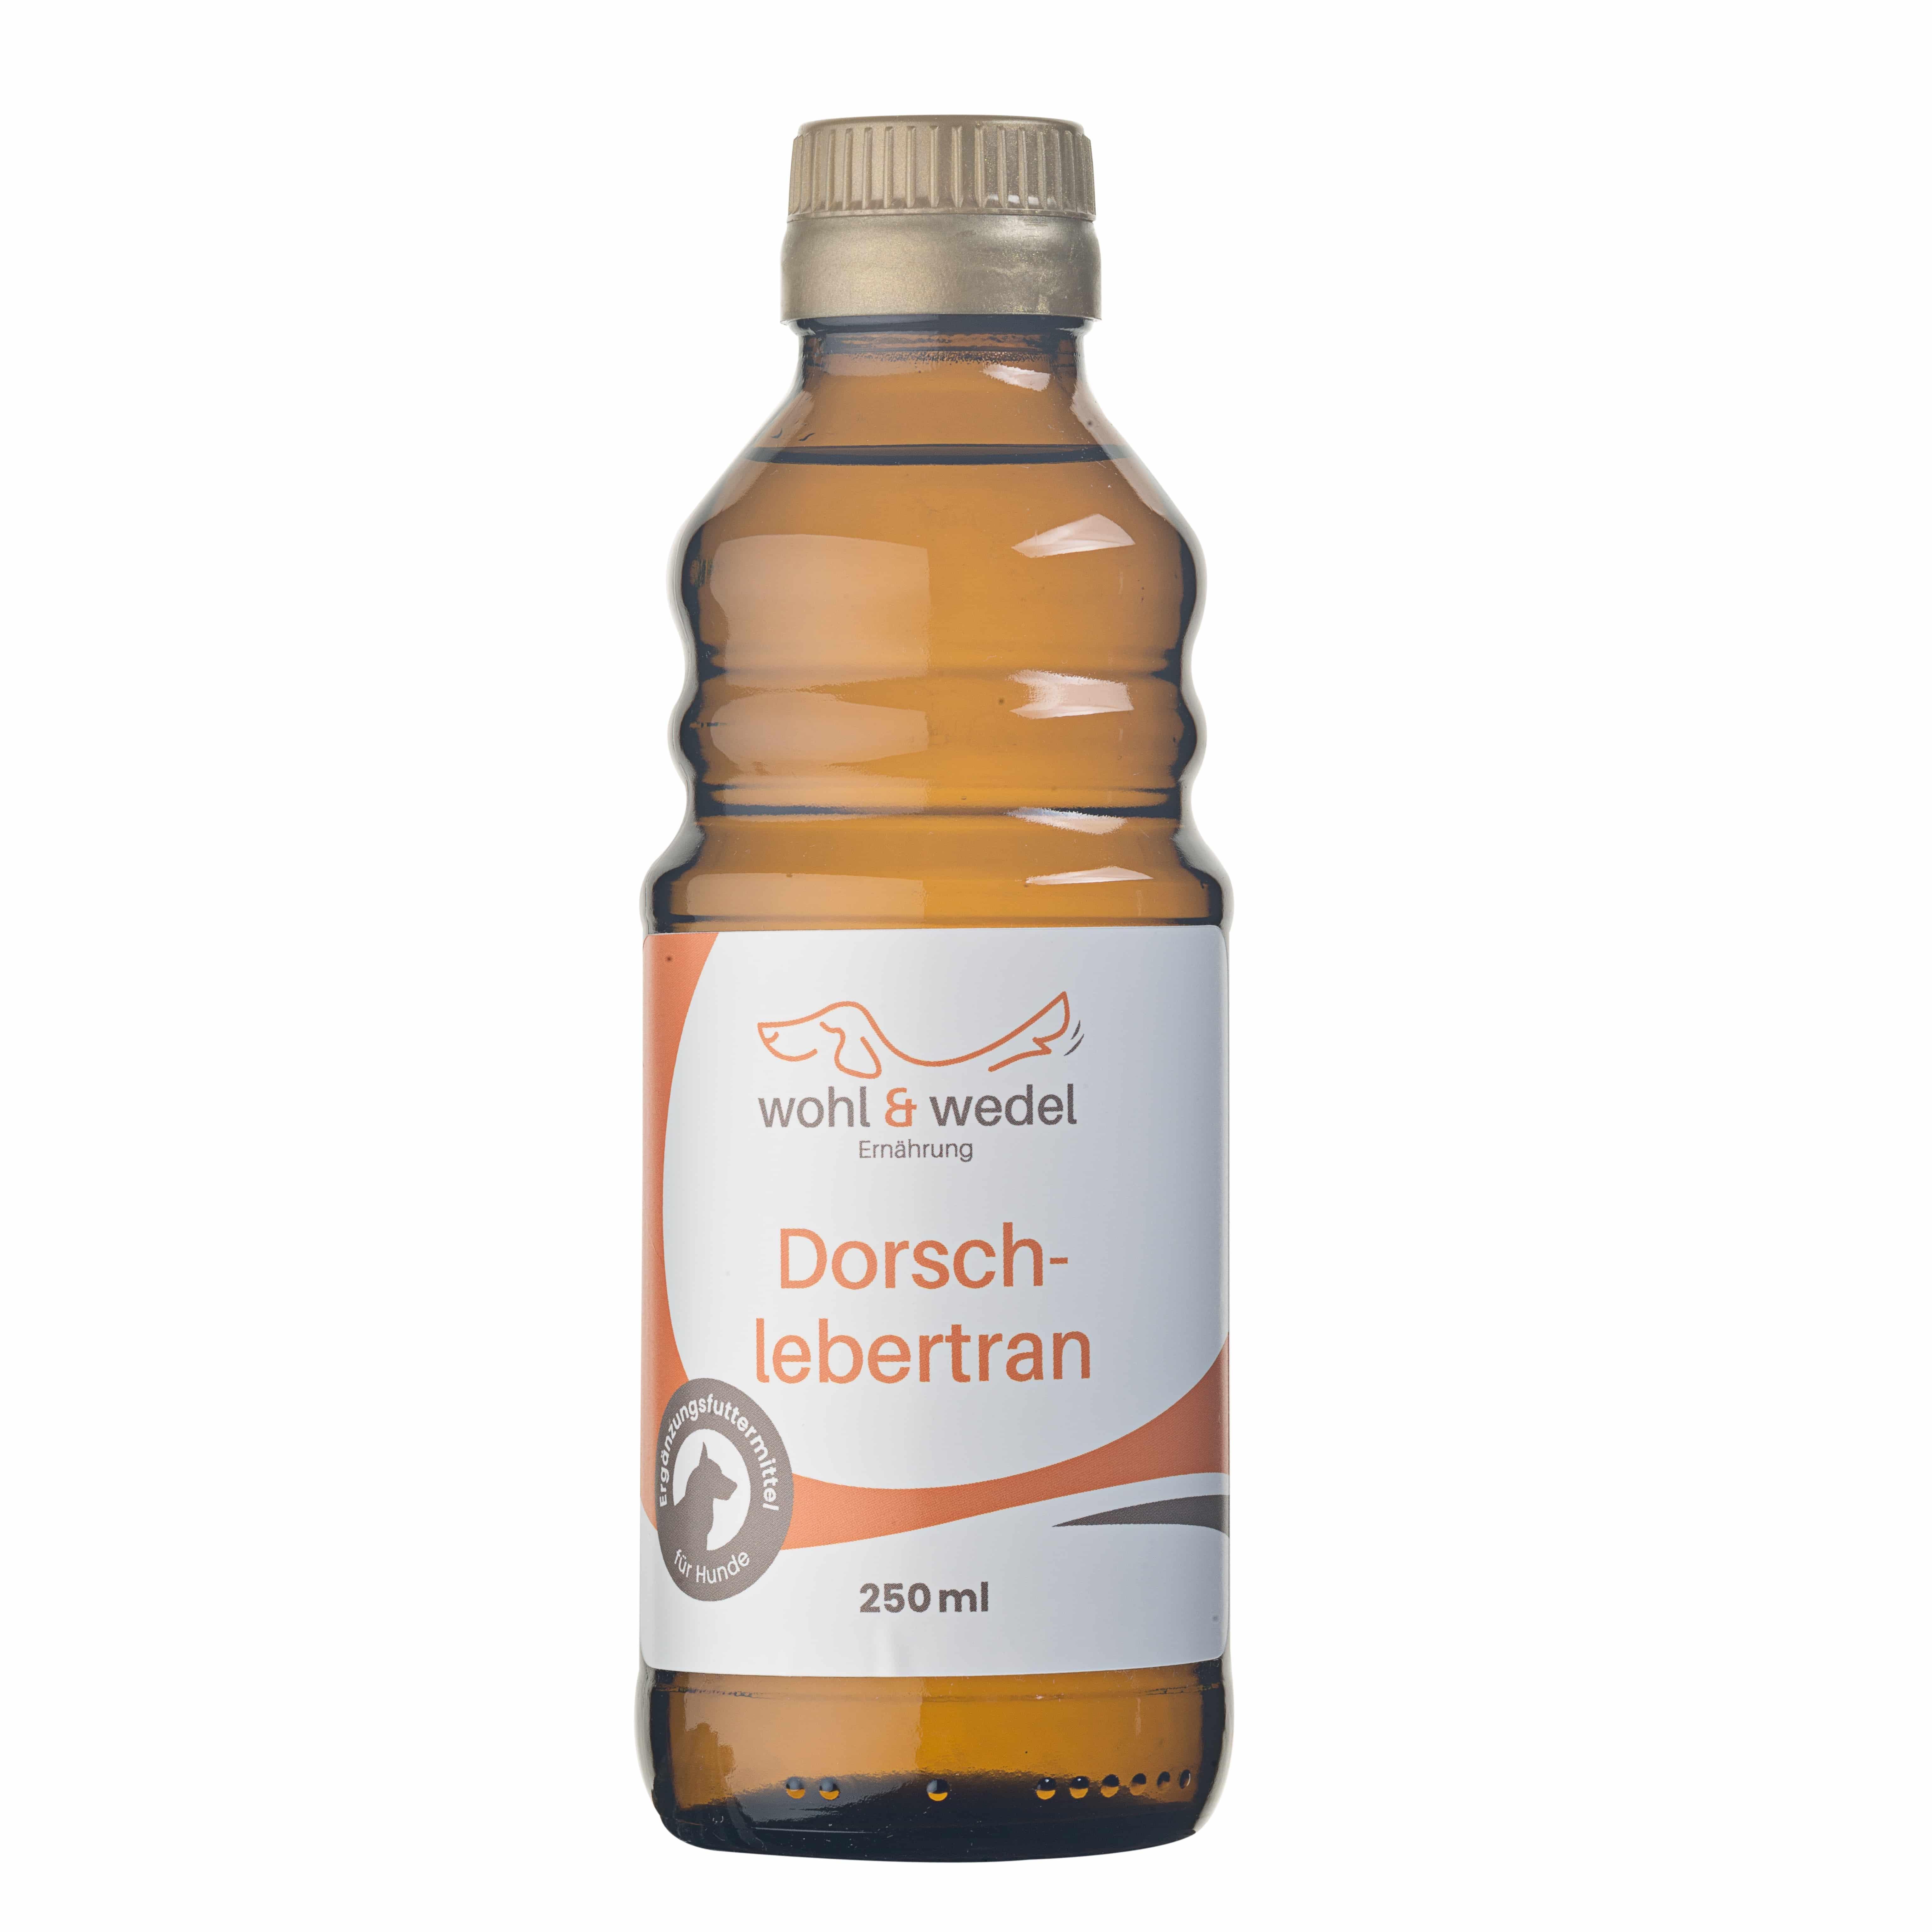 wohl & wedel Dorschlebertran mit natürlichem Vitamin E 250 ml